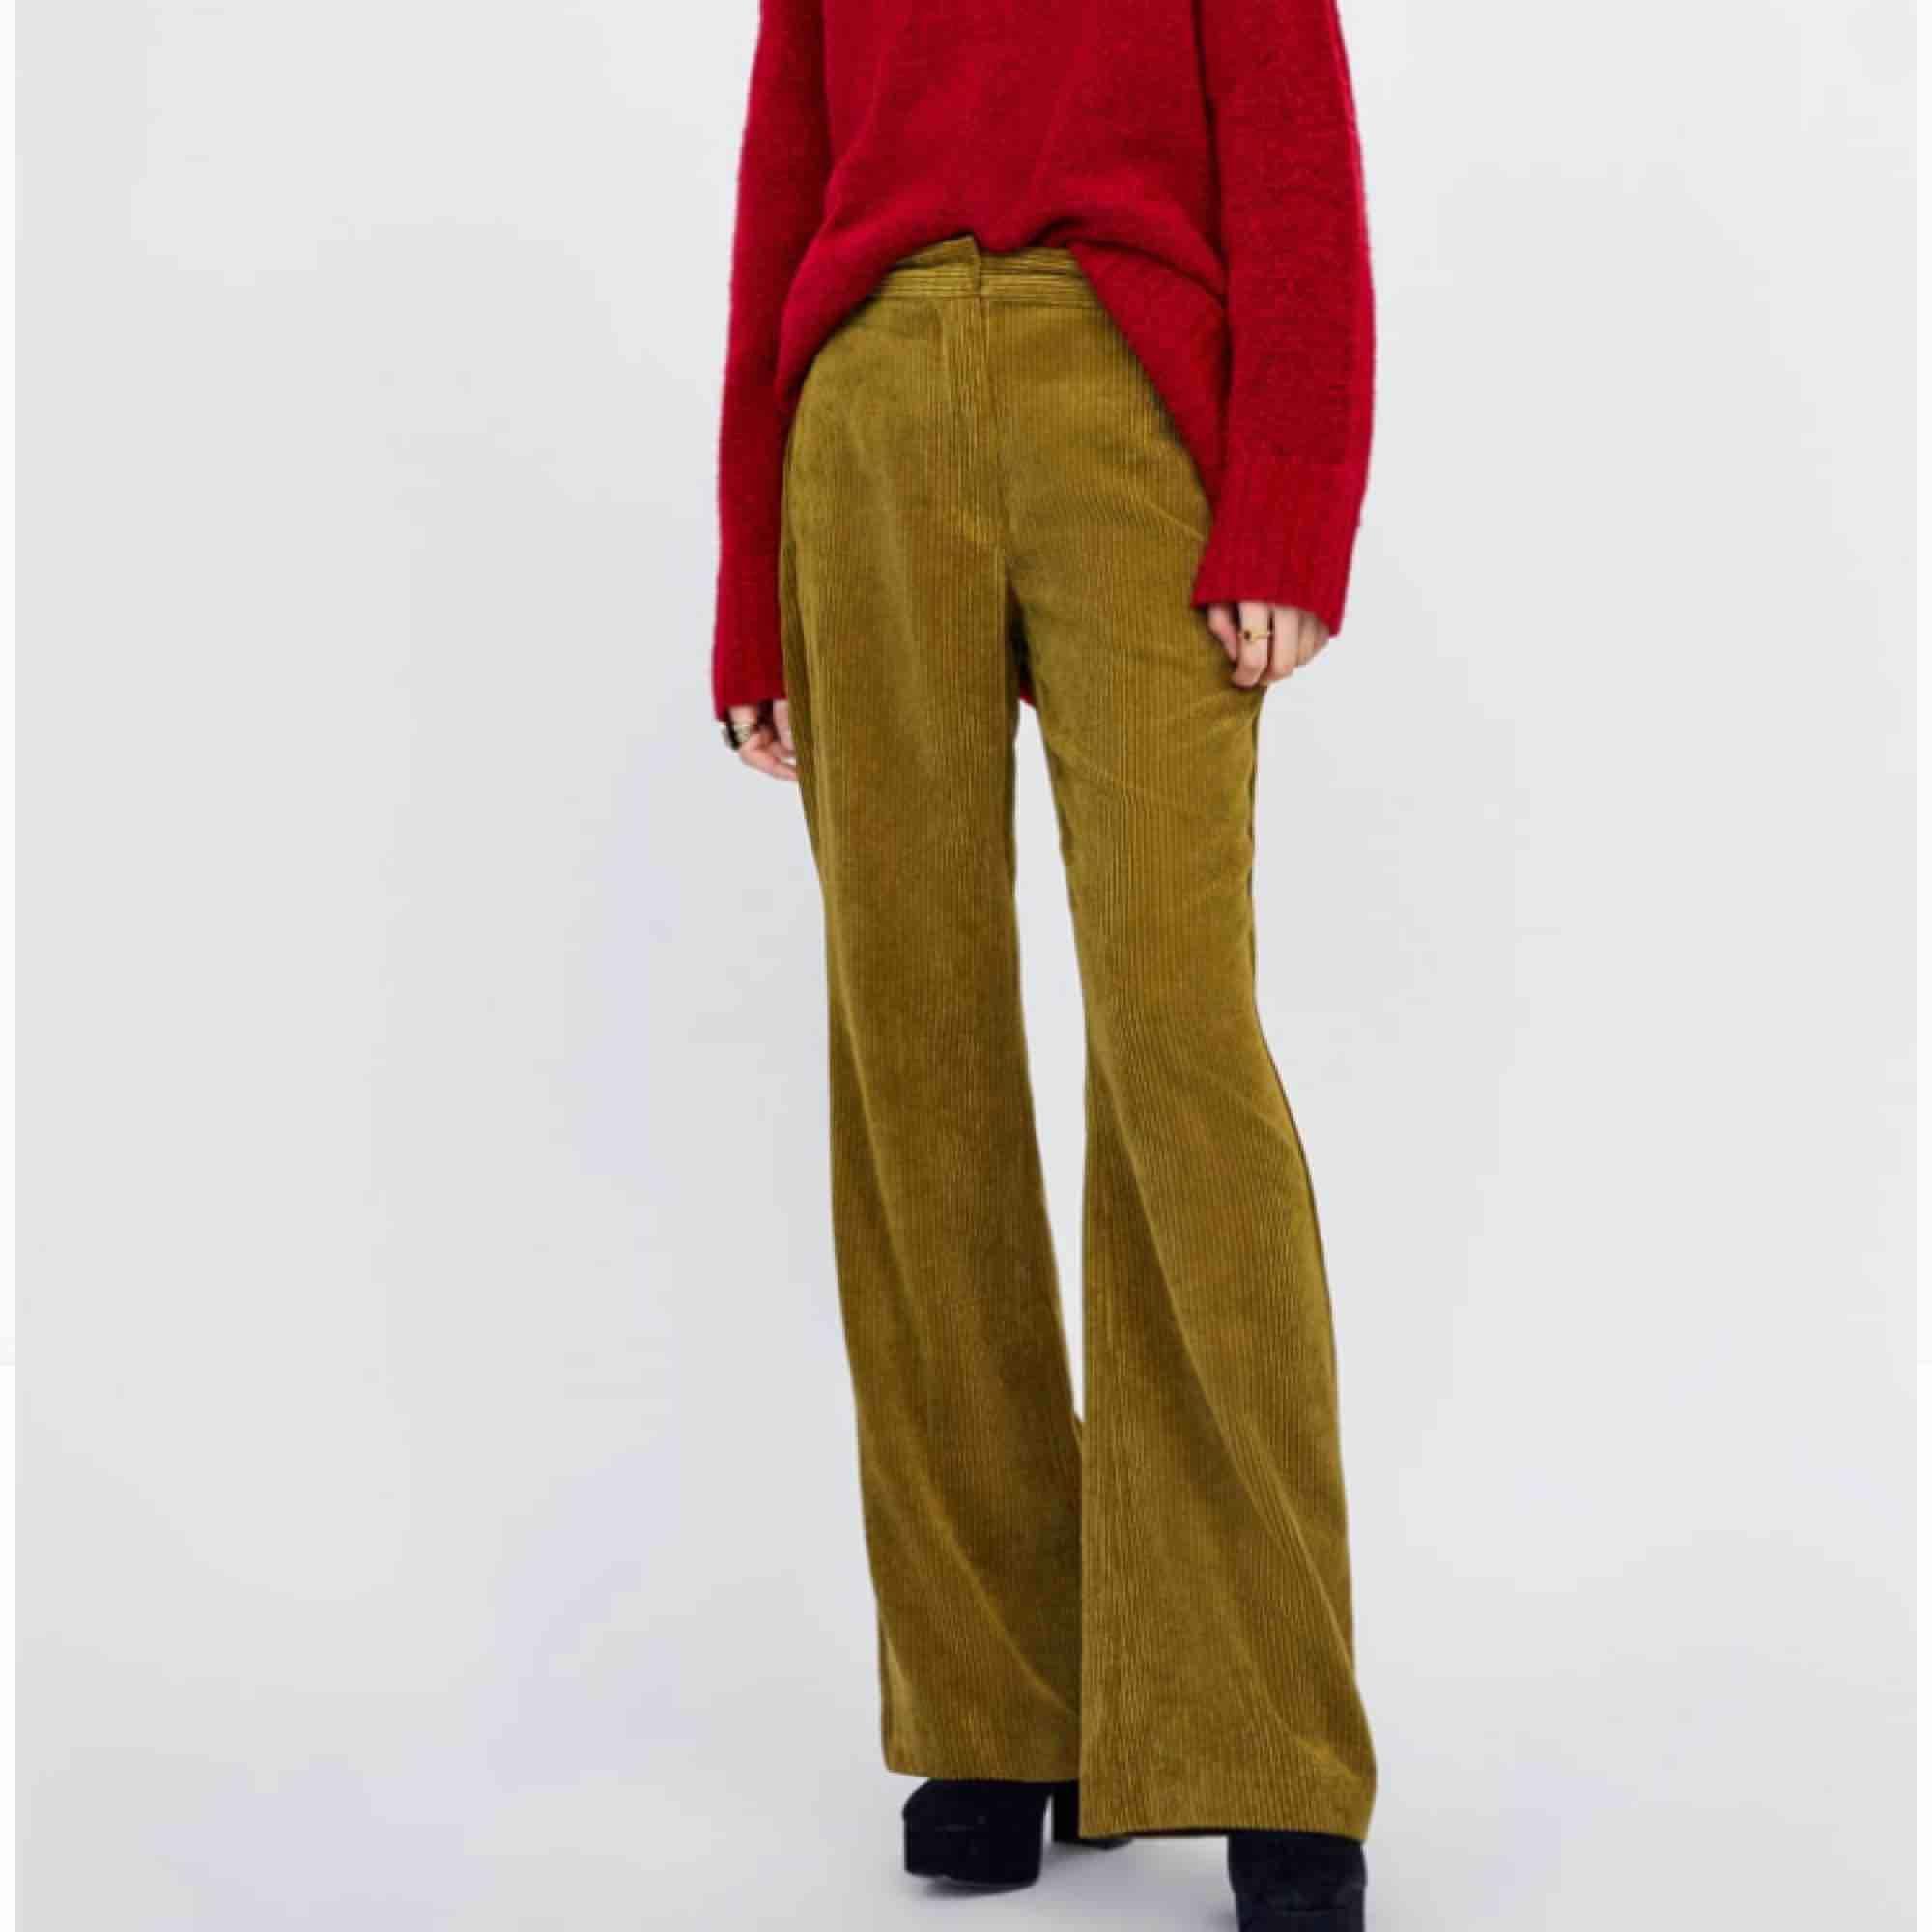 Gröna manchesterbyxor med hög midja! Aldrig använt, snarare glömt att och skicka tillbaks hehe.... men aja! Väldigt fina, men tyvärr för små för mig! Frakt ingår ej. . Jeans & Byxor.